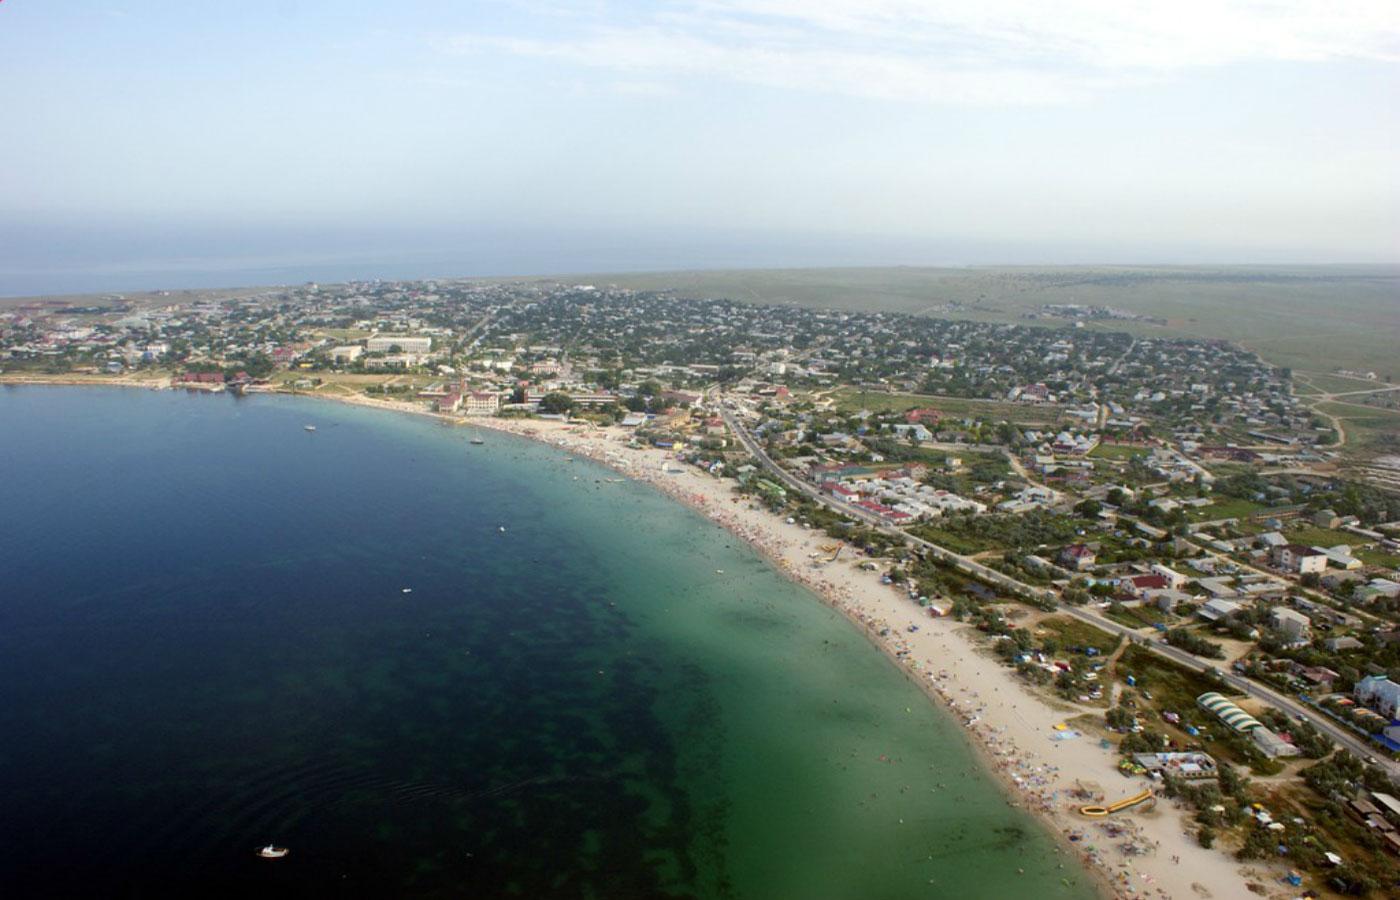 Песчаные пляжи вдоль побережья Межводного с высоты